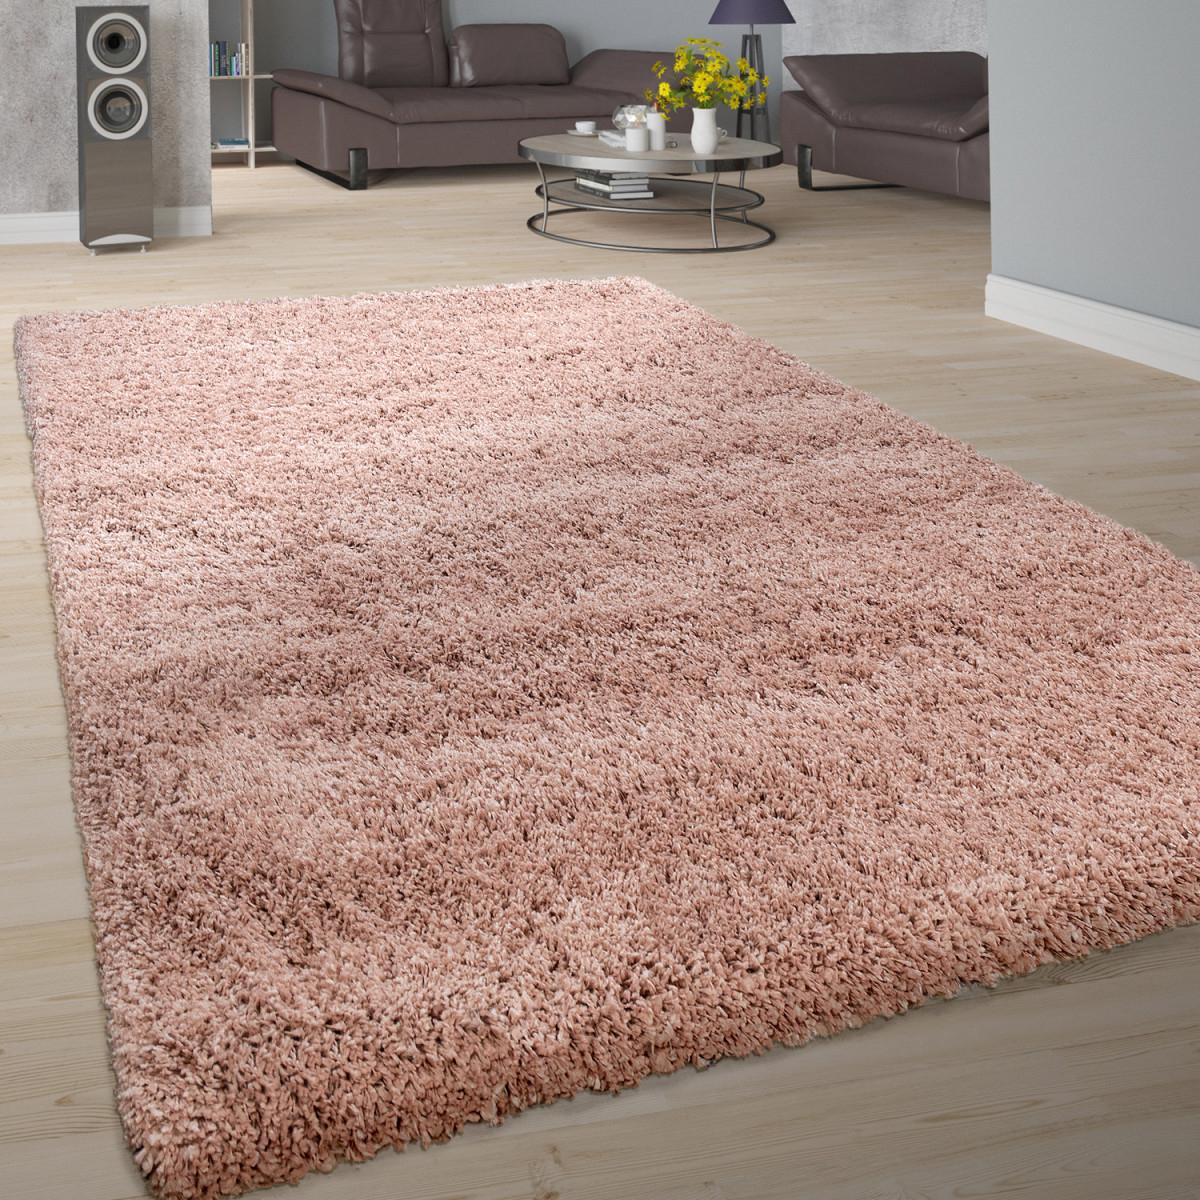 Teppich Wohnzimmer Soft Shaggy Hochflor Modern Flauschig Einfarbig In Rosa von Wohnzimmer Teppich Grau Rosa Bild